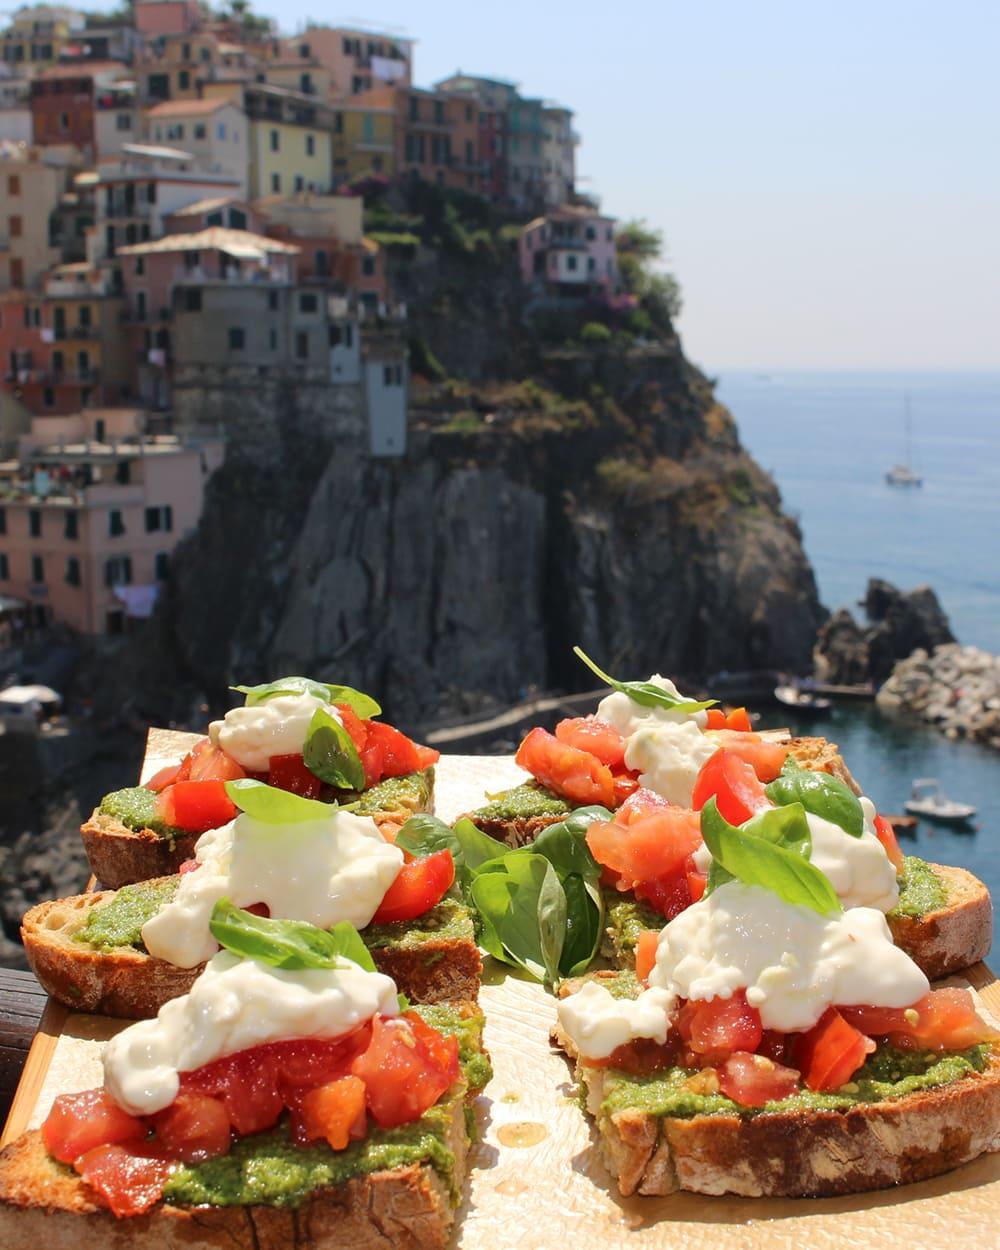 Restaurants in Cinque Terre: Nessun Dorma in Manarola - View of bruschette with stunning Manarola in the background